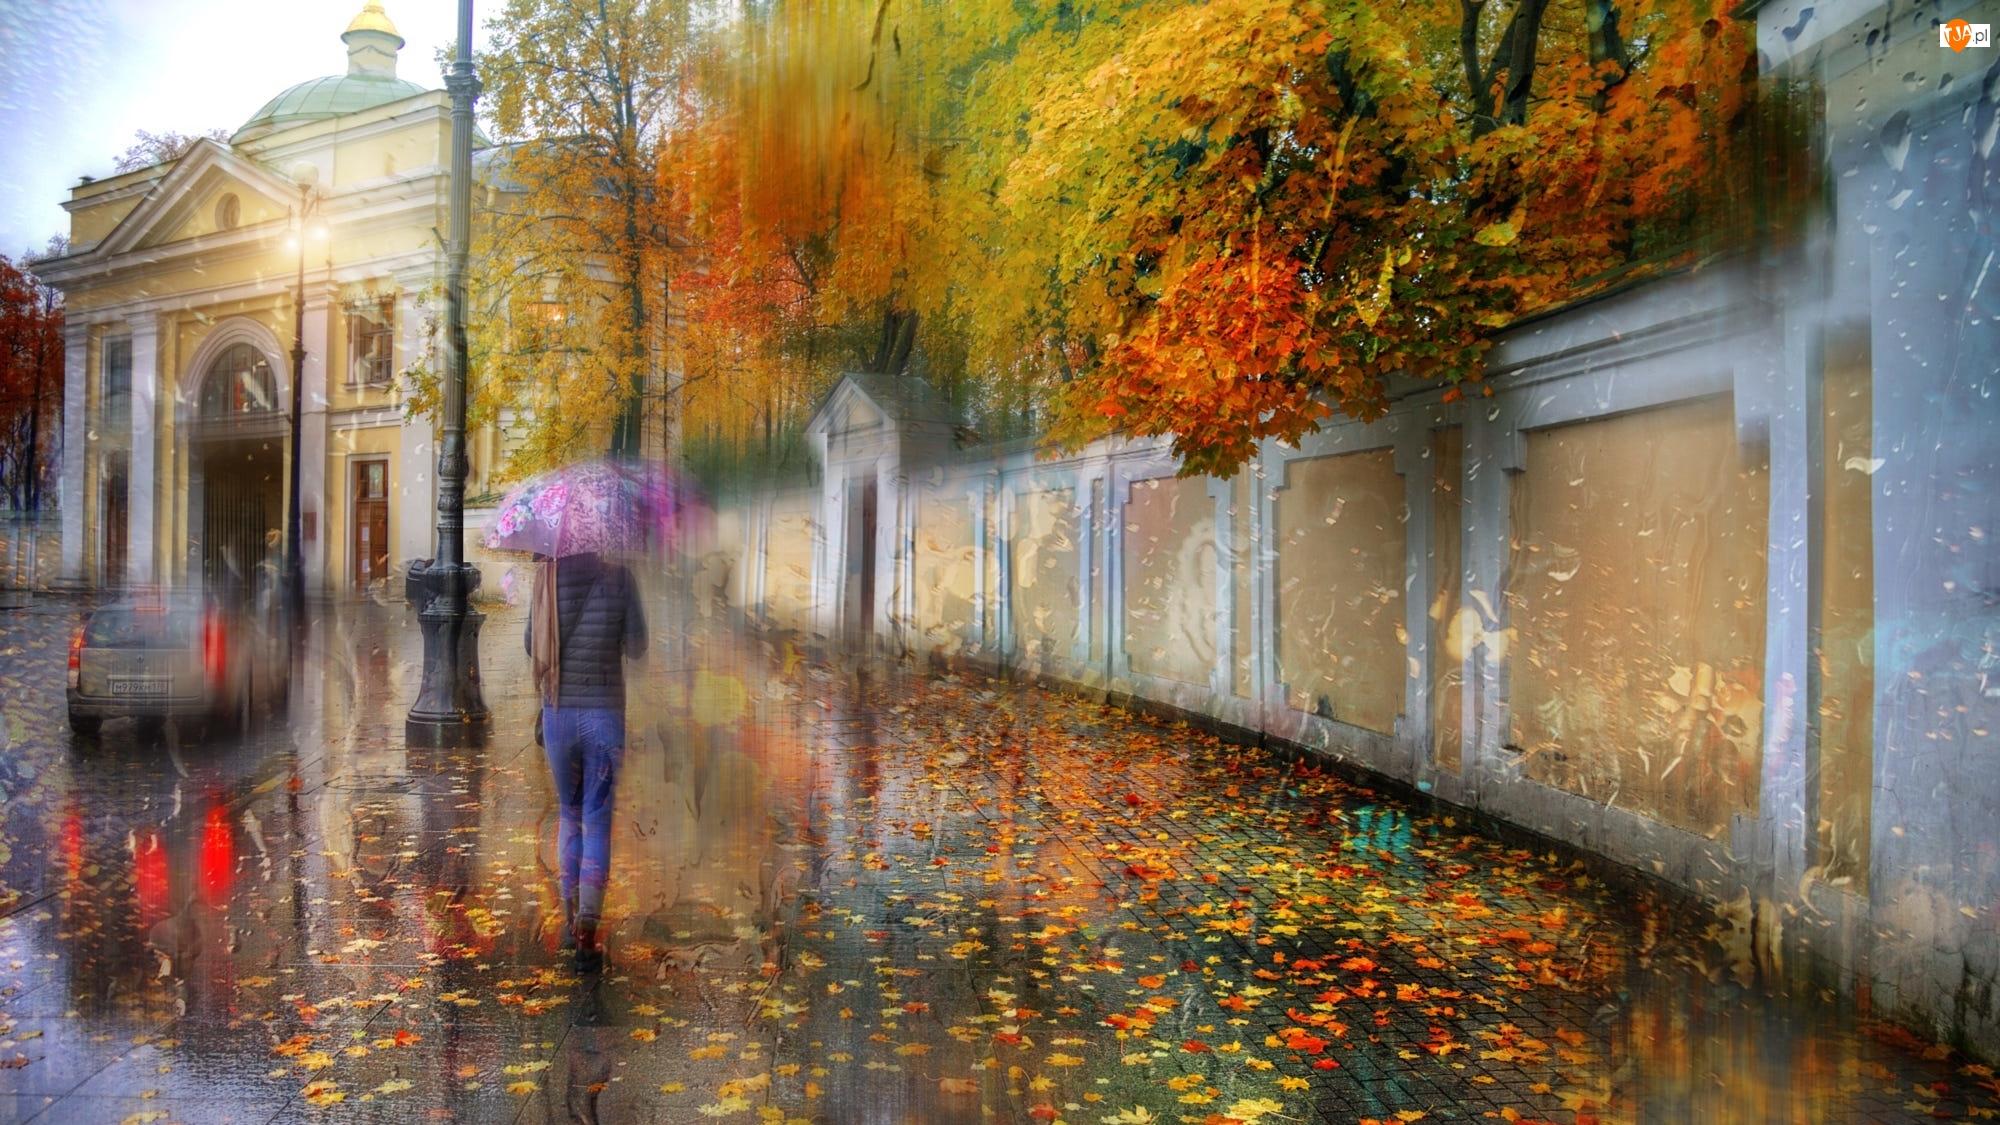 Budynek, Ulica, Kobieta, Deszcz, Mur, Parasolka